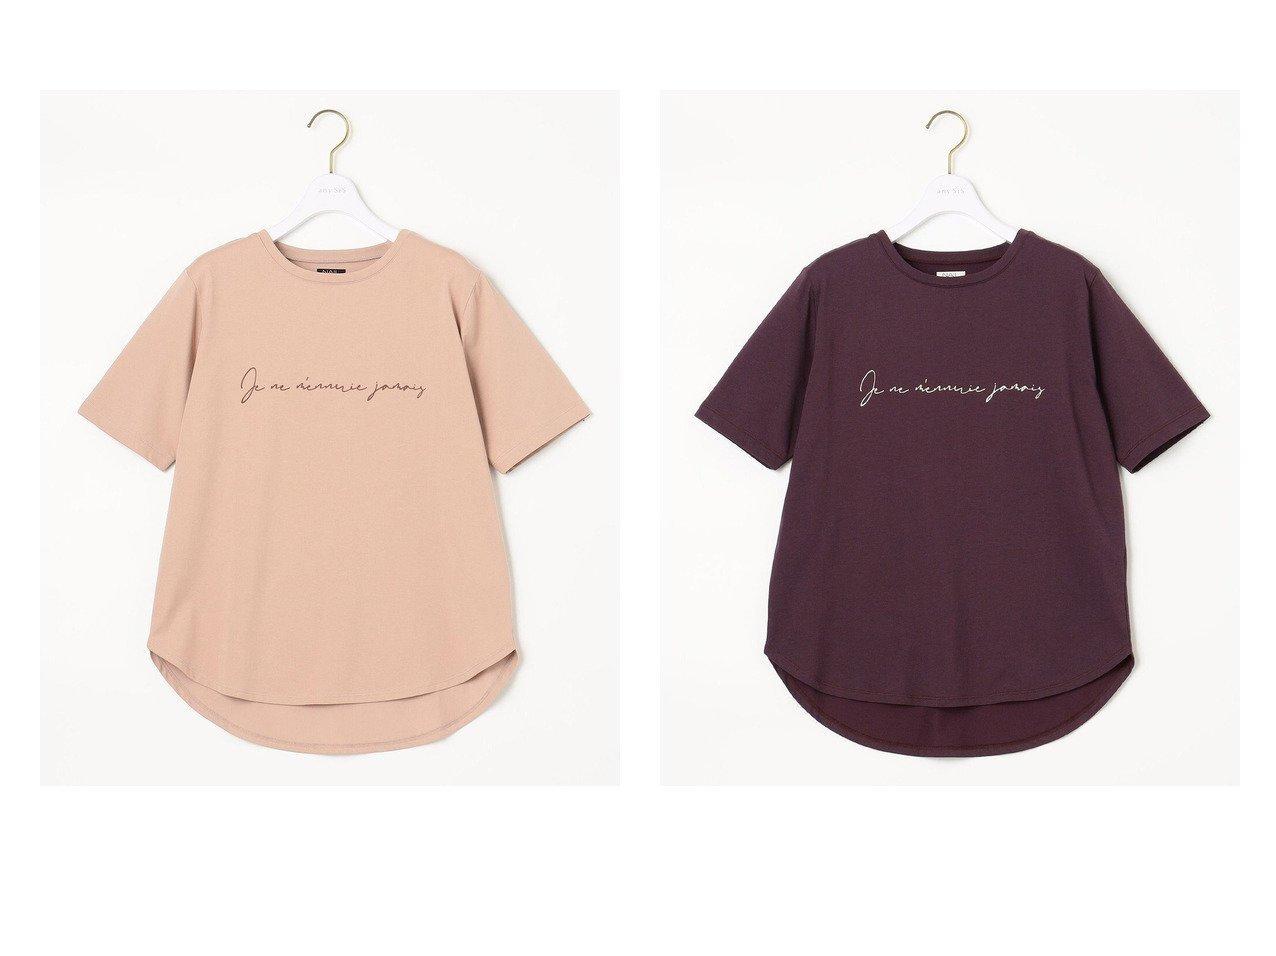 【any SiS/エニィ スィス】の【NAIL HOLICコラボ】ロゴ Tシャツ 【トップス・カットソー】おすすめ!人気トレンド・レディースファッション通販 おすすめで人気の流行・トレンド、ファッションの通販商品 インテリア・家具・メンズファッション・キッズファッション・レディースファッション・服の通販 founy(ファニー) https://founy.com/ ファッション Fashion レディースファッション WOMEN トップス・カットソー Tops/Tshirt シャツ/ブラウス Shirts/Blouses ロング / Tシャツ T-Shirts カットソー Cut and Sewn カットソー コラボ ネイル プリント ボトム 半袖 送料無料 Free Shipping 夏 Summer |ID:crp329100000050811